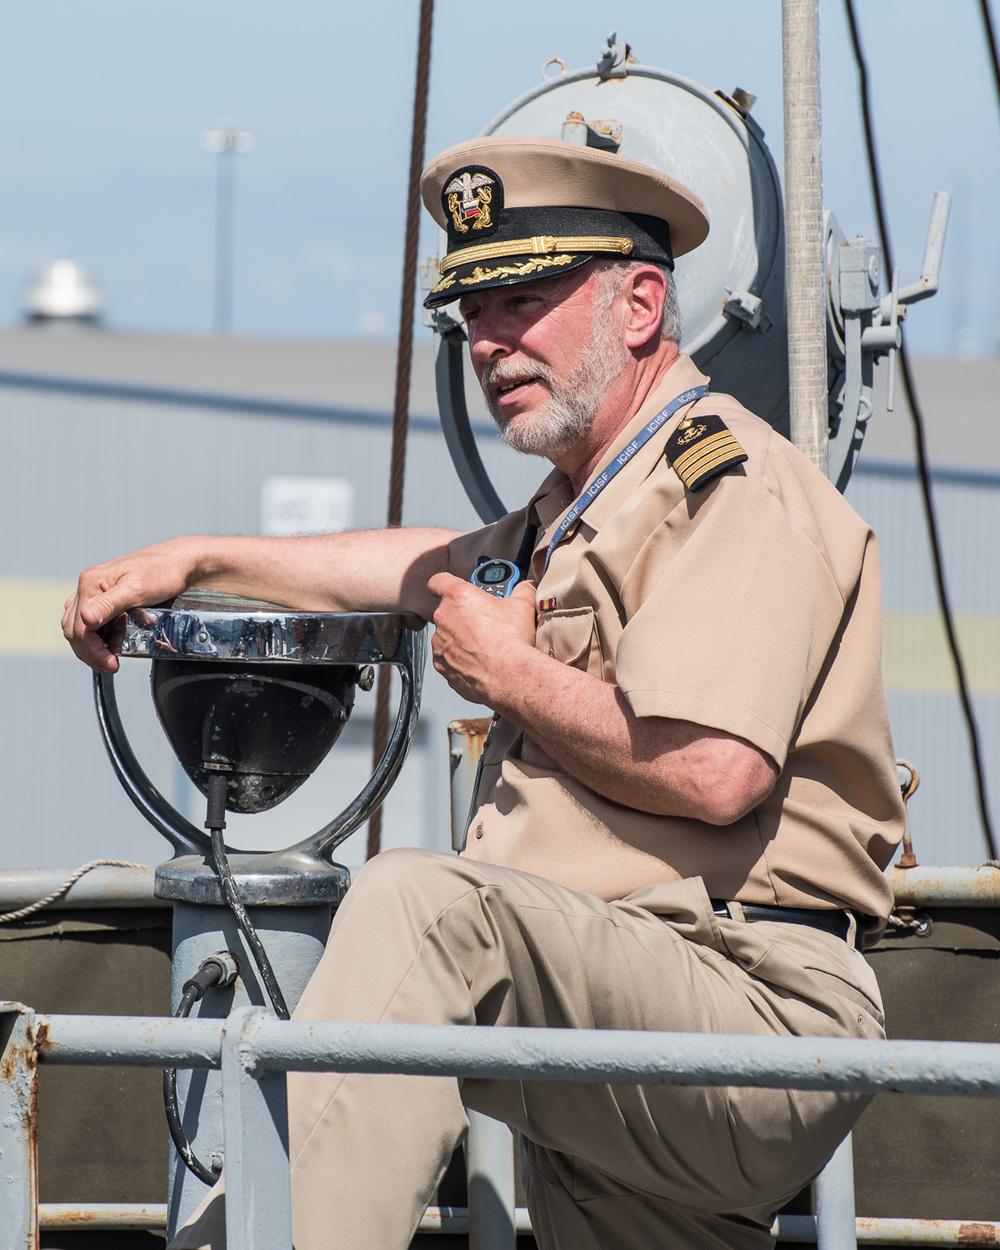 Captain_20065.jpg